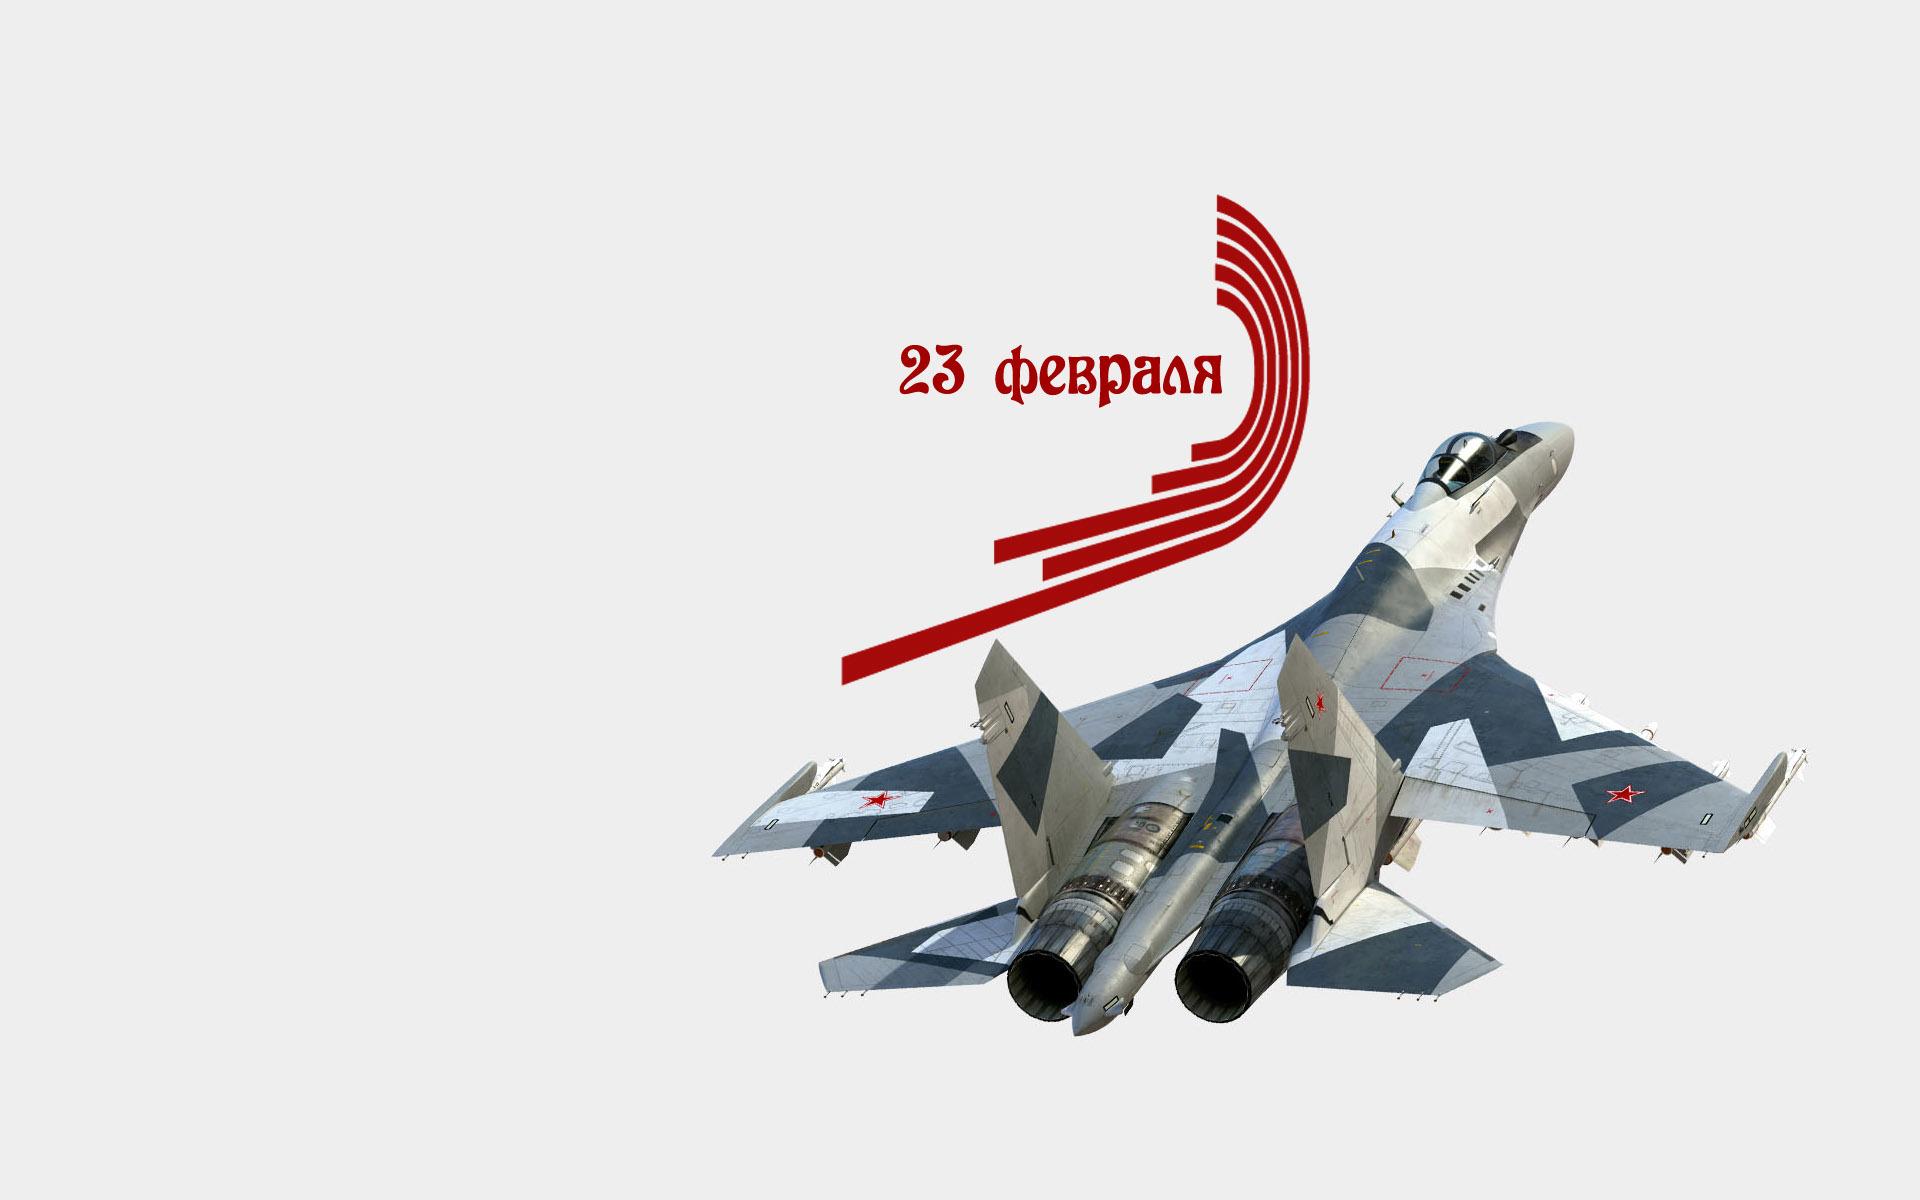 ❶Защитников отечества 35|Открытки с 23 февраля парню|Defender of the Fatherland Day - Wikipedia|Военно-спортивный праздник ко Дню защитника Отечества|}